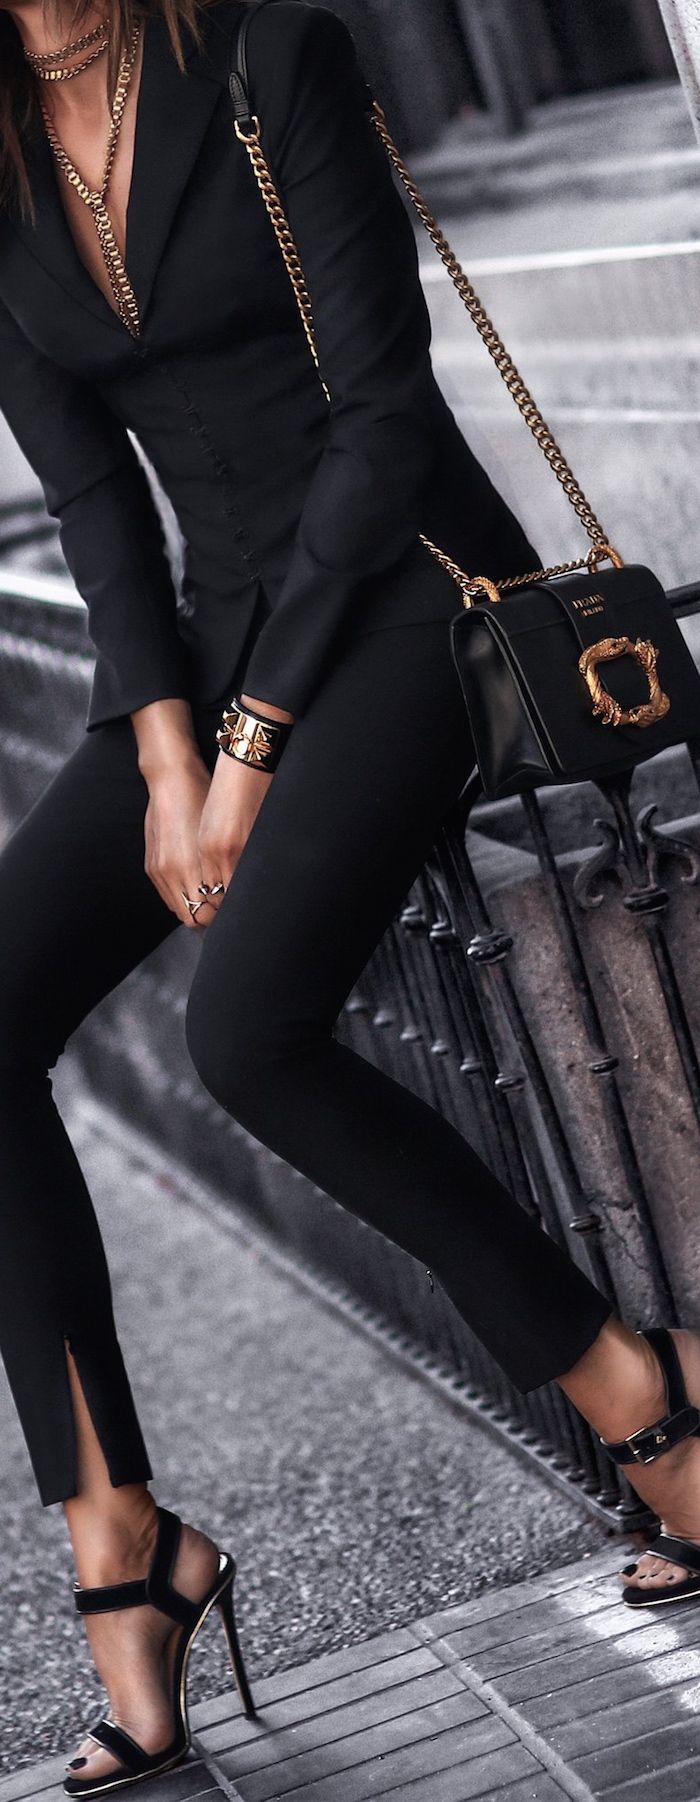 Prada met en avant le côté de la puissance feminin avec ce sac // www.leasyluxe.com #prada #chic #leasyluxe